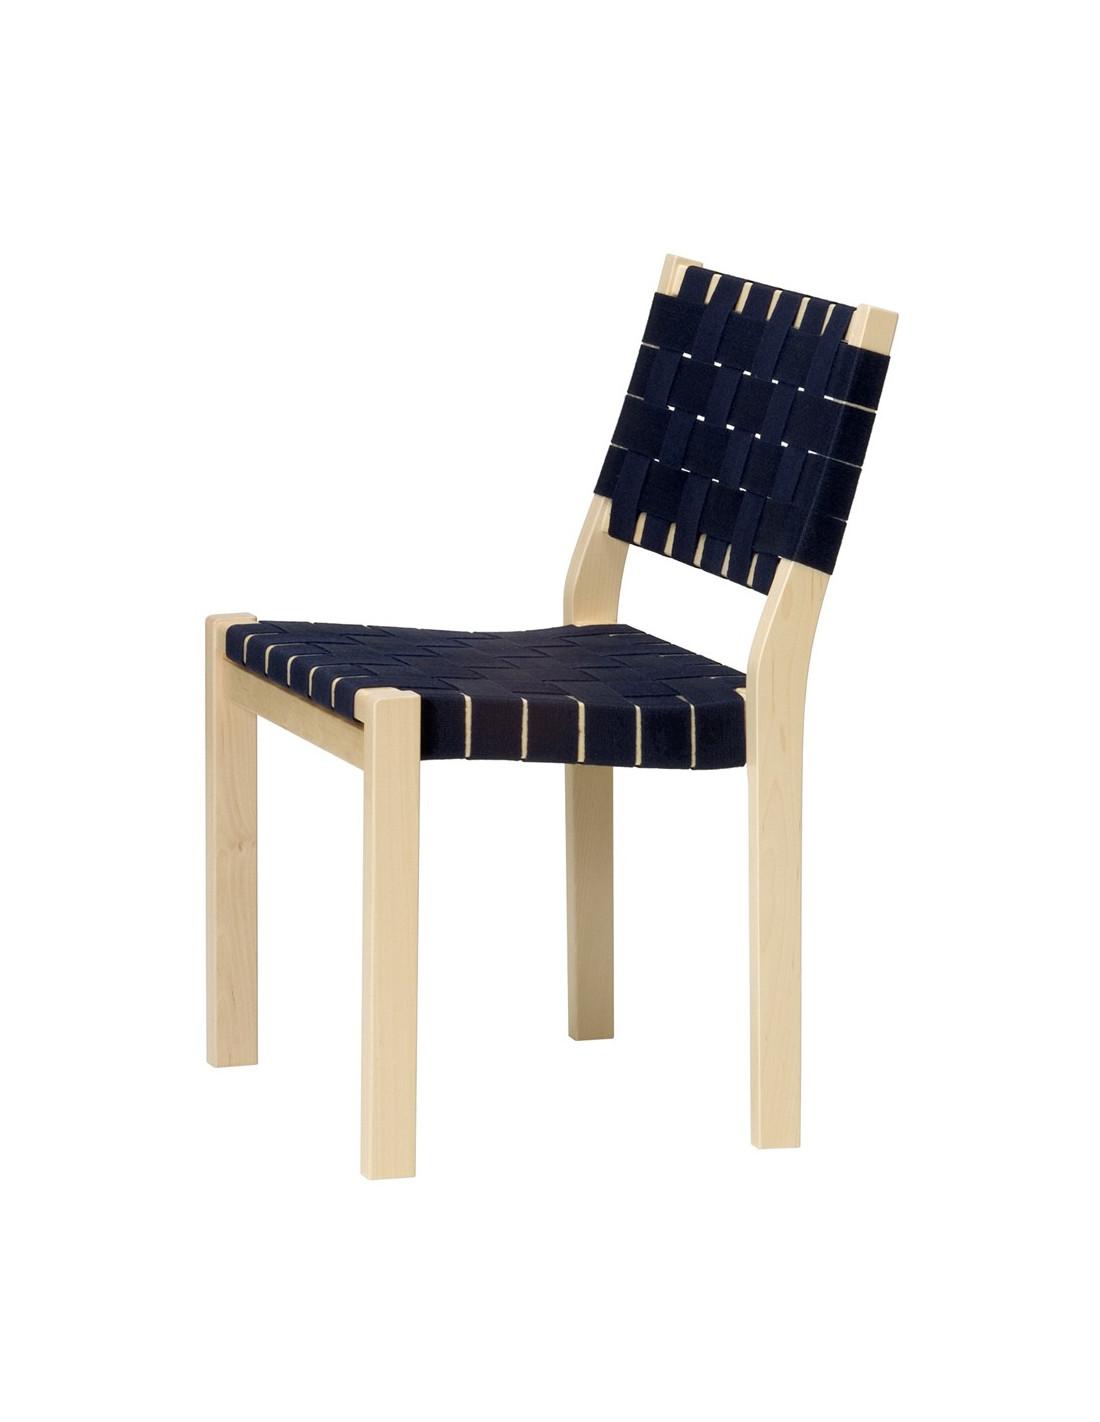 Chair 611 Alvar Aalto Design For Artek La Boutique Danoise